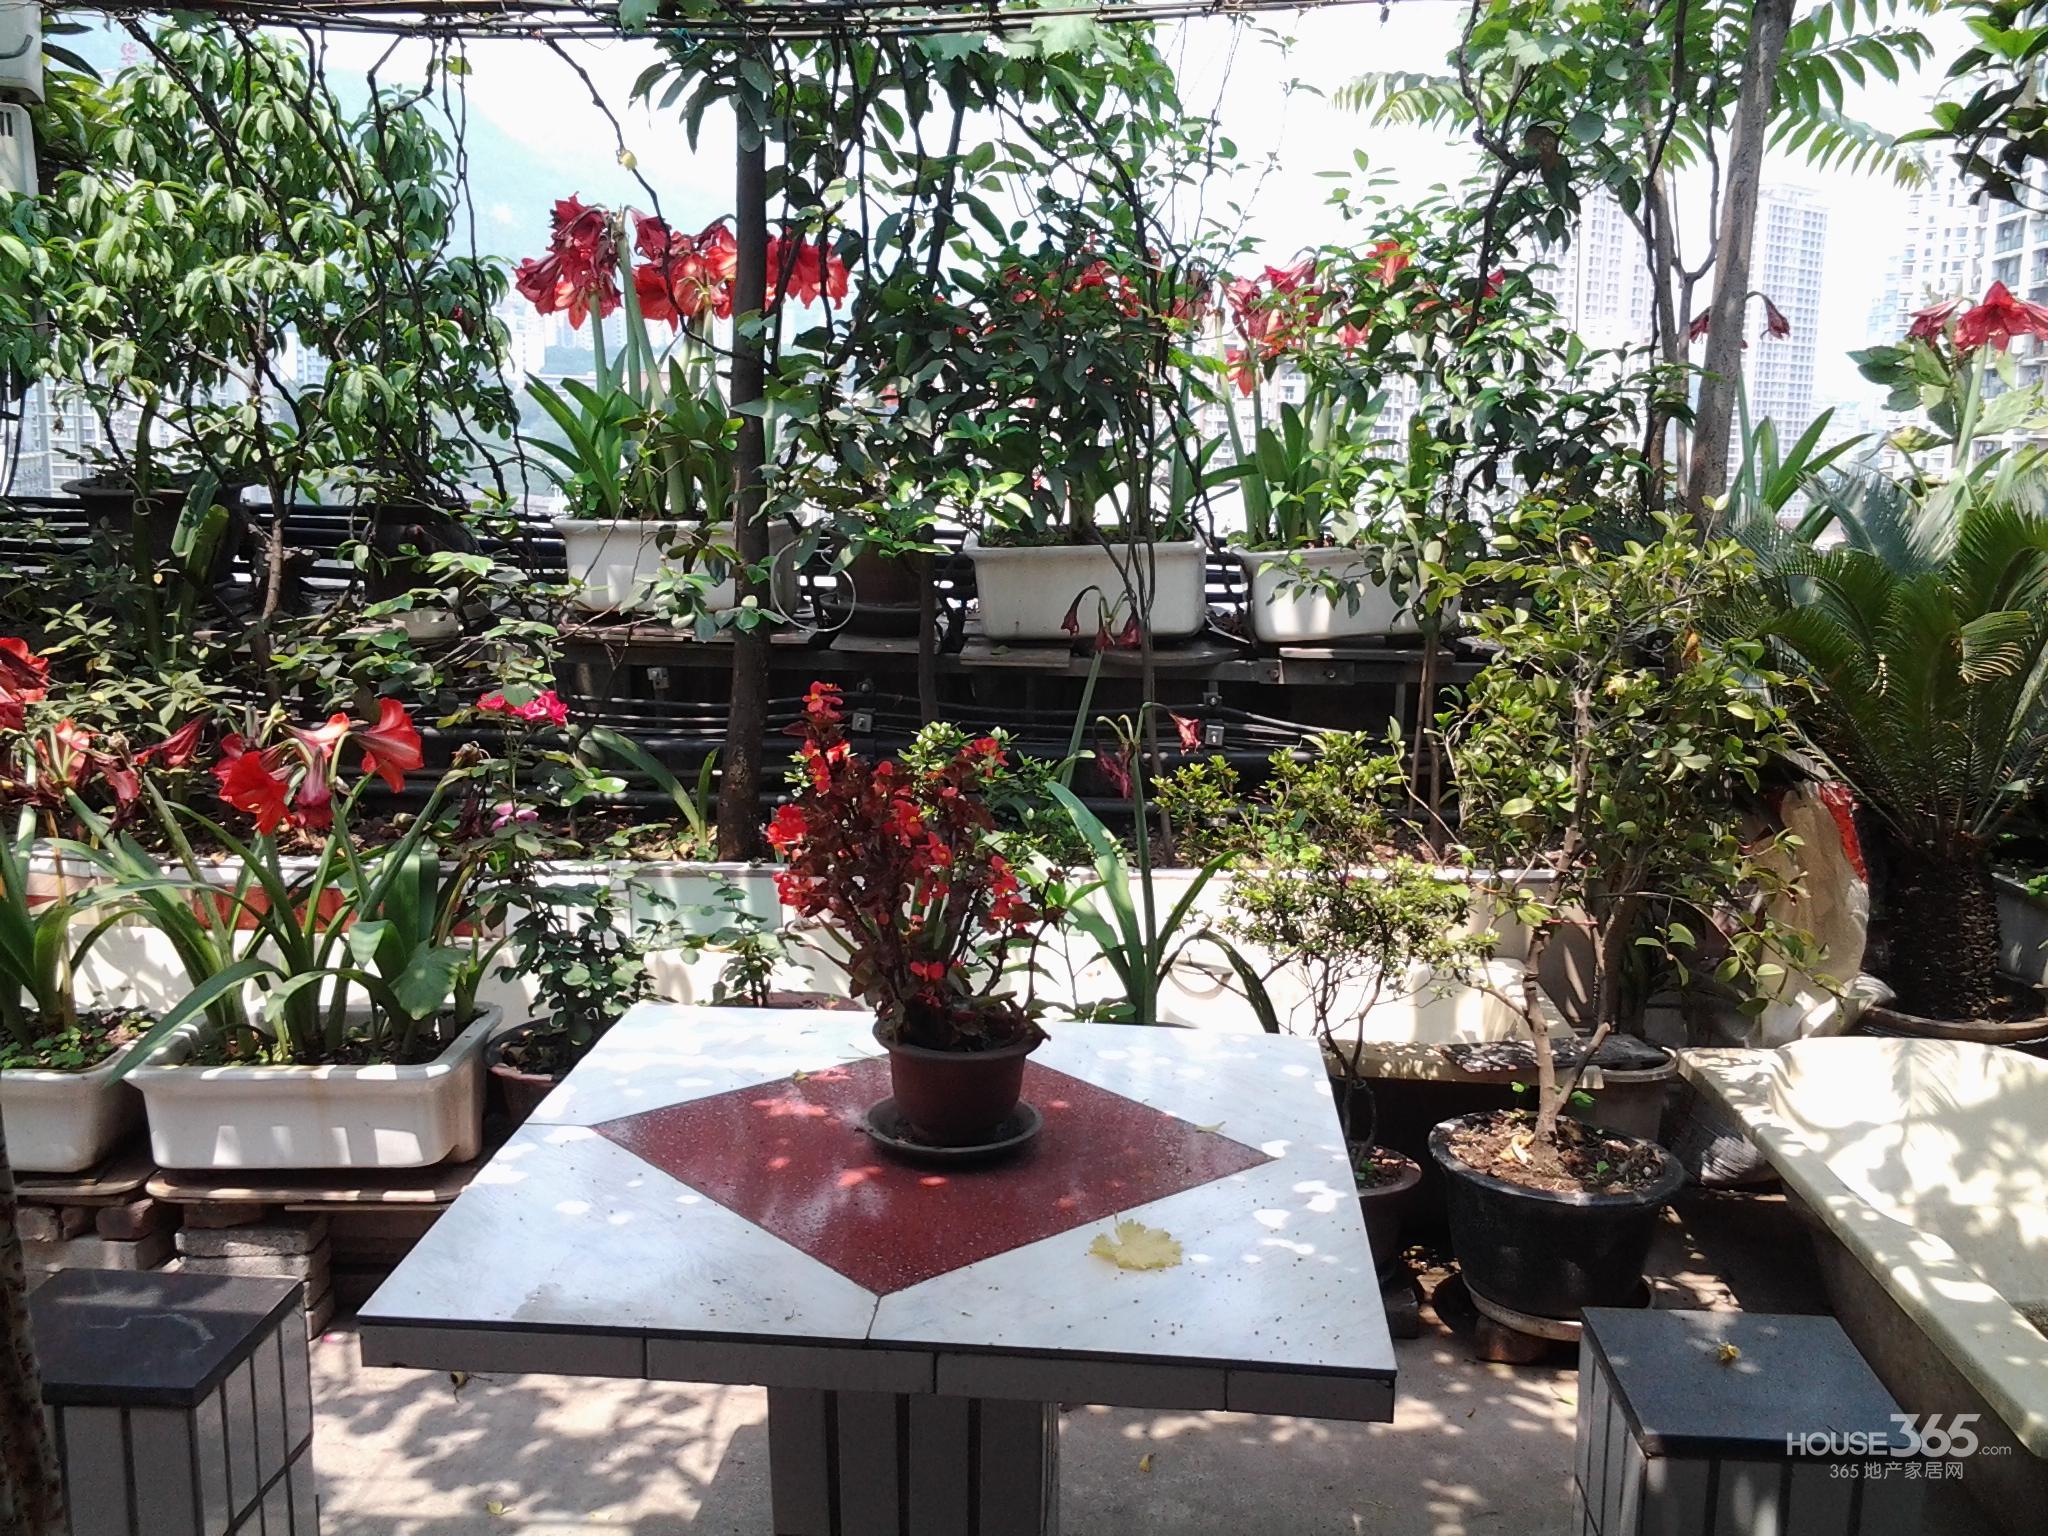 该房户型三室带屋顶花园,花园面积超过40平米,种植有桂花,黄桷兰,杜鹃、玫瑰、腊梅等美丽花草;葡萄,琵琶、樱桃等水果每年皆能品尝、采摘,拥有北京四合院的韵味。配有基础的家具、电器。简单装修,可以基本满足你的日常起居,且交通便利,距离地铁站仅5分钟,距离公交车站3分钟,距离高速路口仅5分钟路程;比邻学校(附近有重庆68中学、重庆大学、西南政法大学、四川外语学院等),无污染影响;附近有重百、大中、泰豪等大中型超市,距离菜市场也仅10分钟左右路程。最优地理位置,通风采光俱佳,远离噪音潮湿困扰!希望我的房子能给你